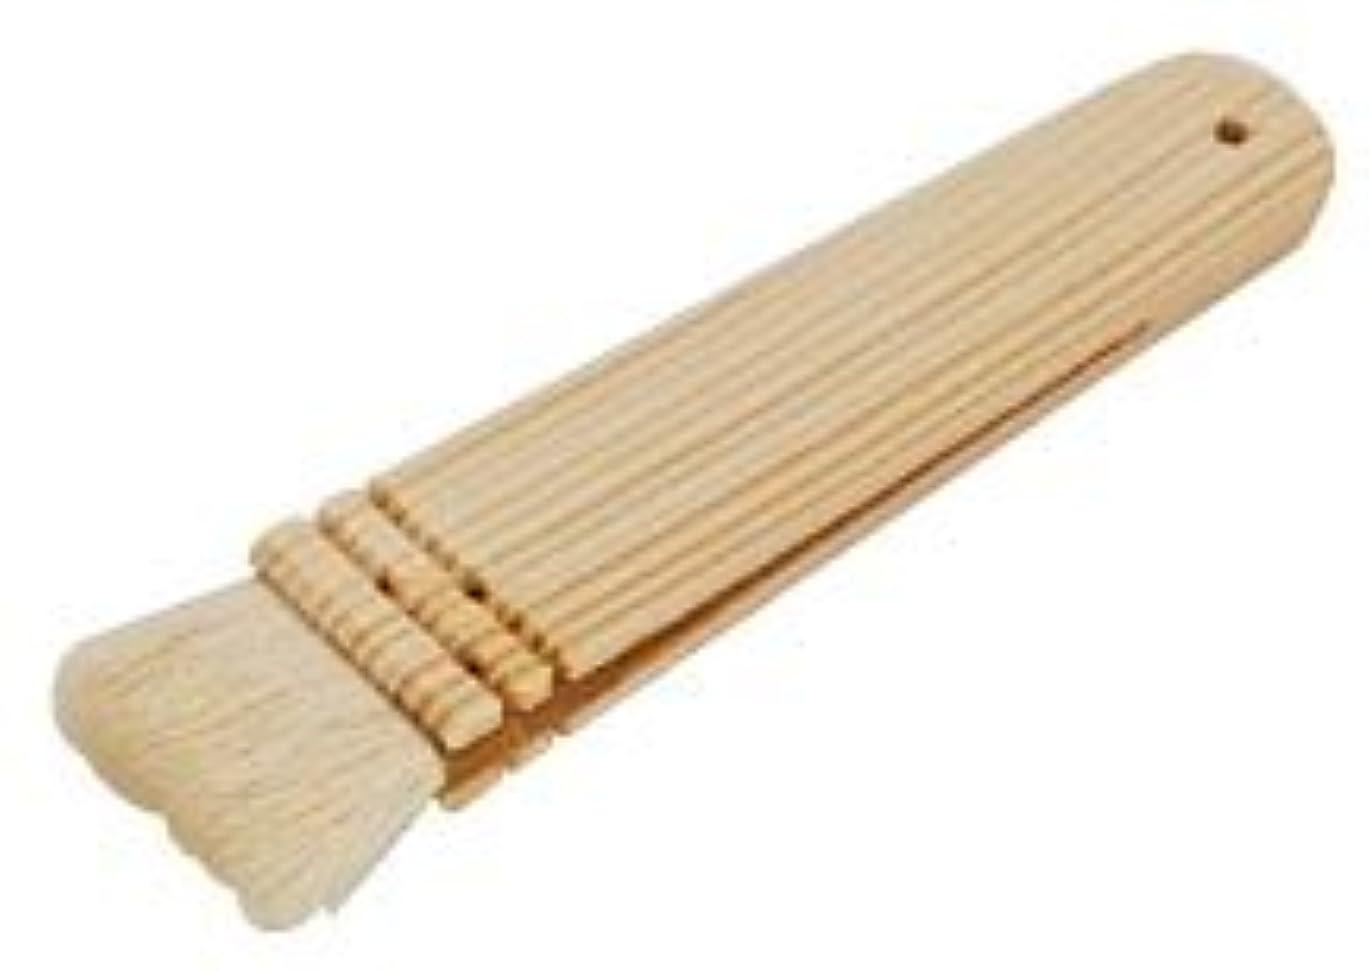 連結する受粉者常習的エステブラシ エステ用品 板刷毛 フェイスブラシ ボディブラシ ハケ ウール刷毛